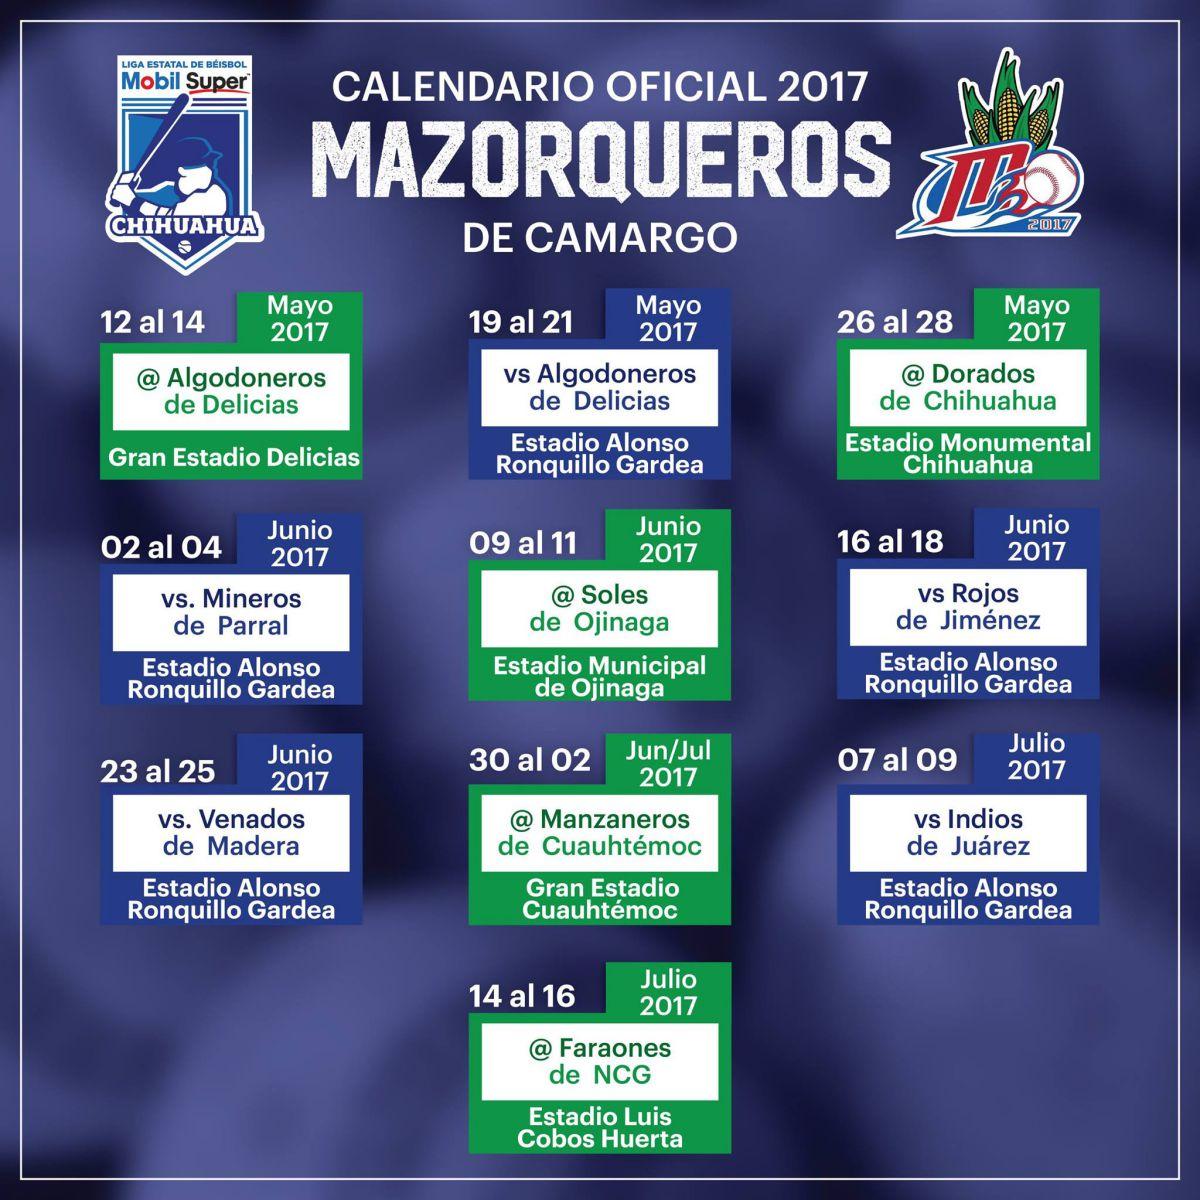 mazorqueros calendario beisbol chihuahua 2017